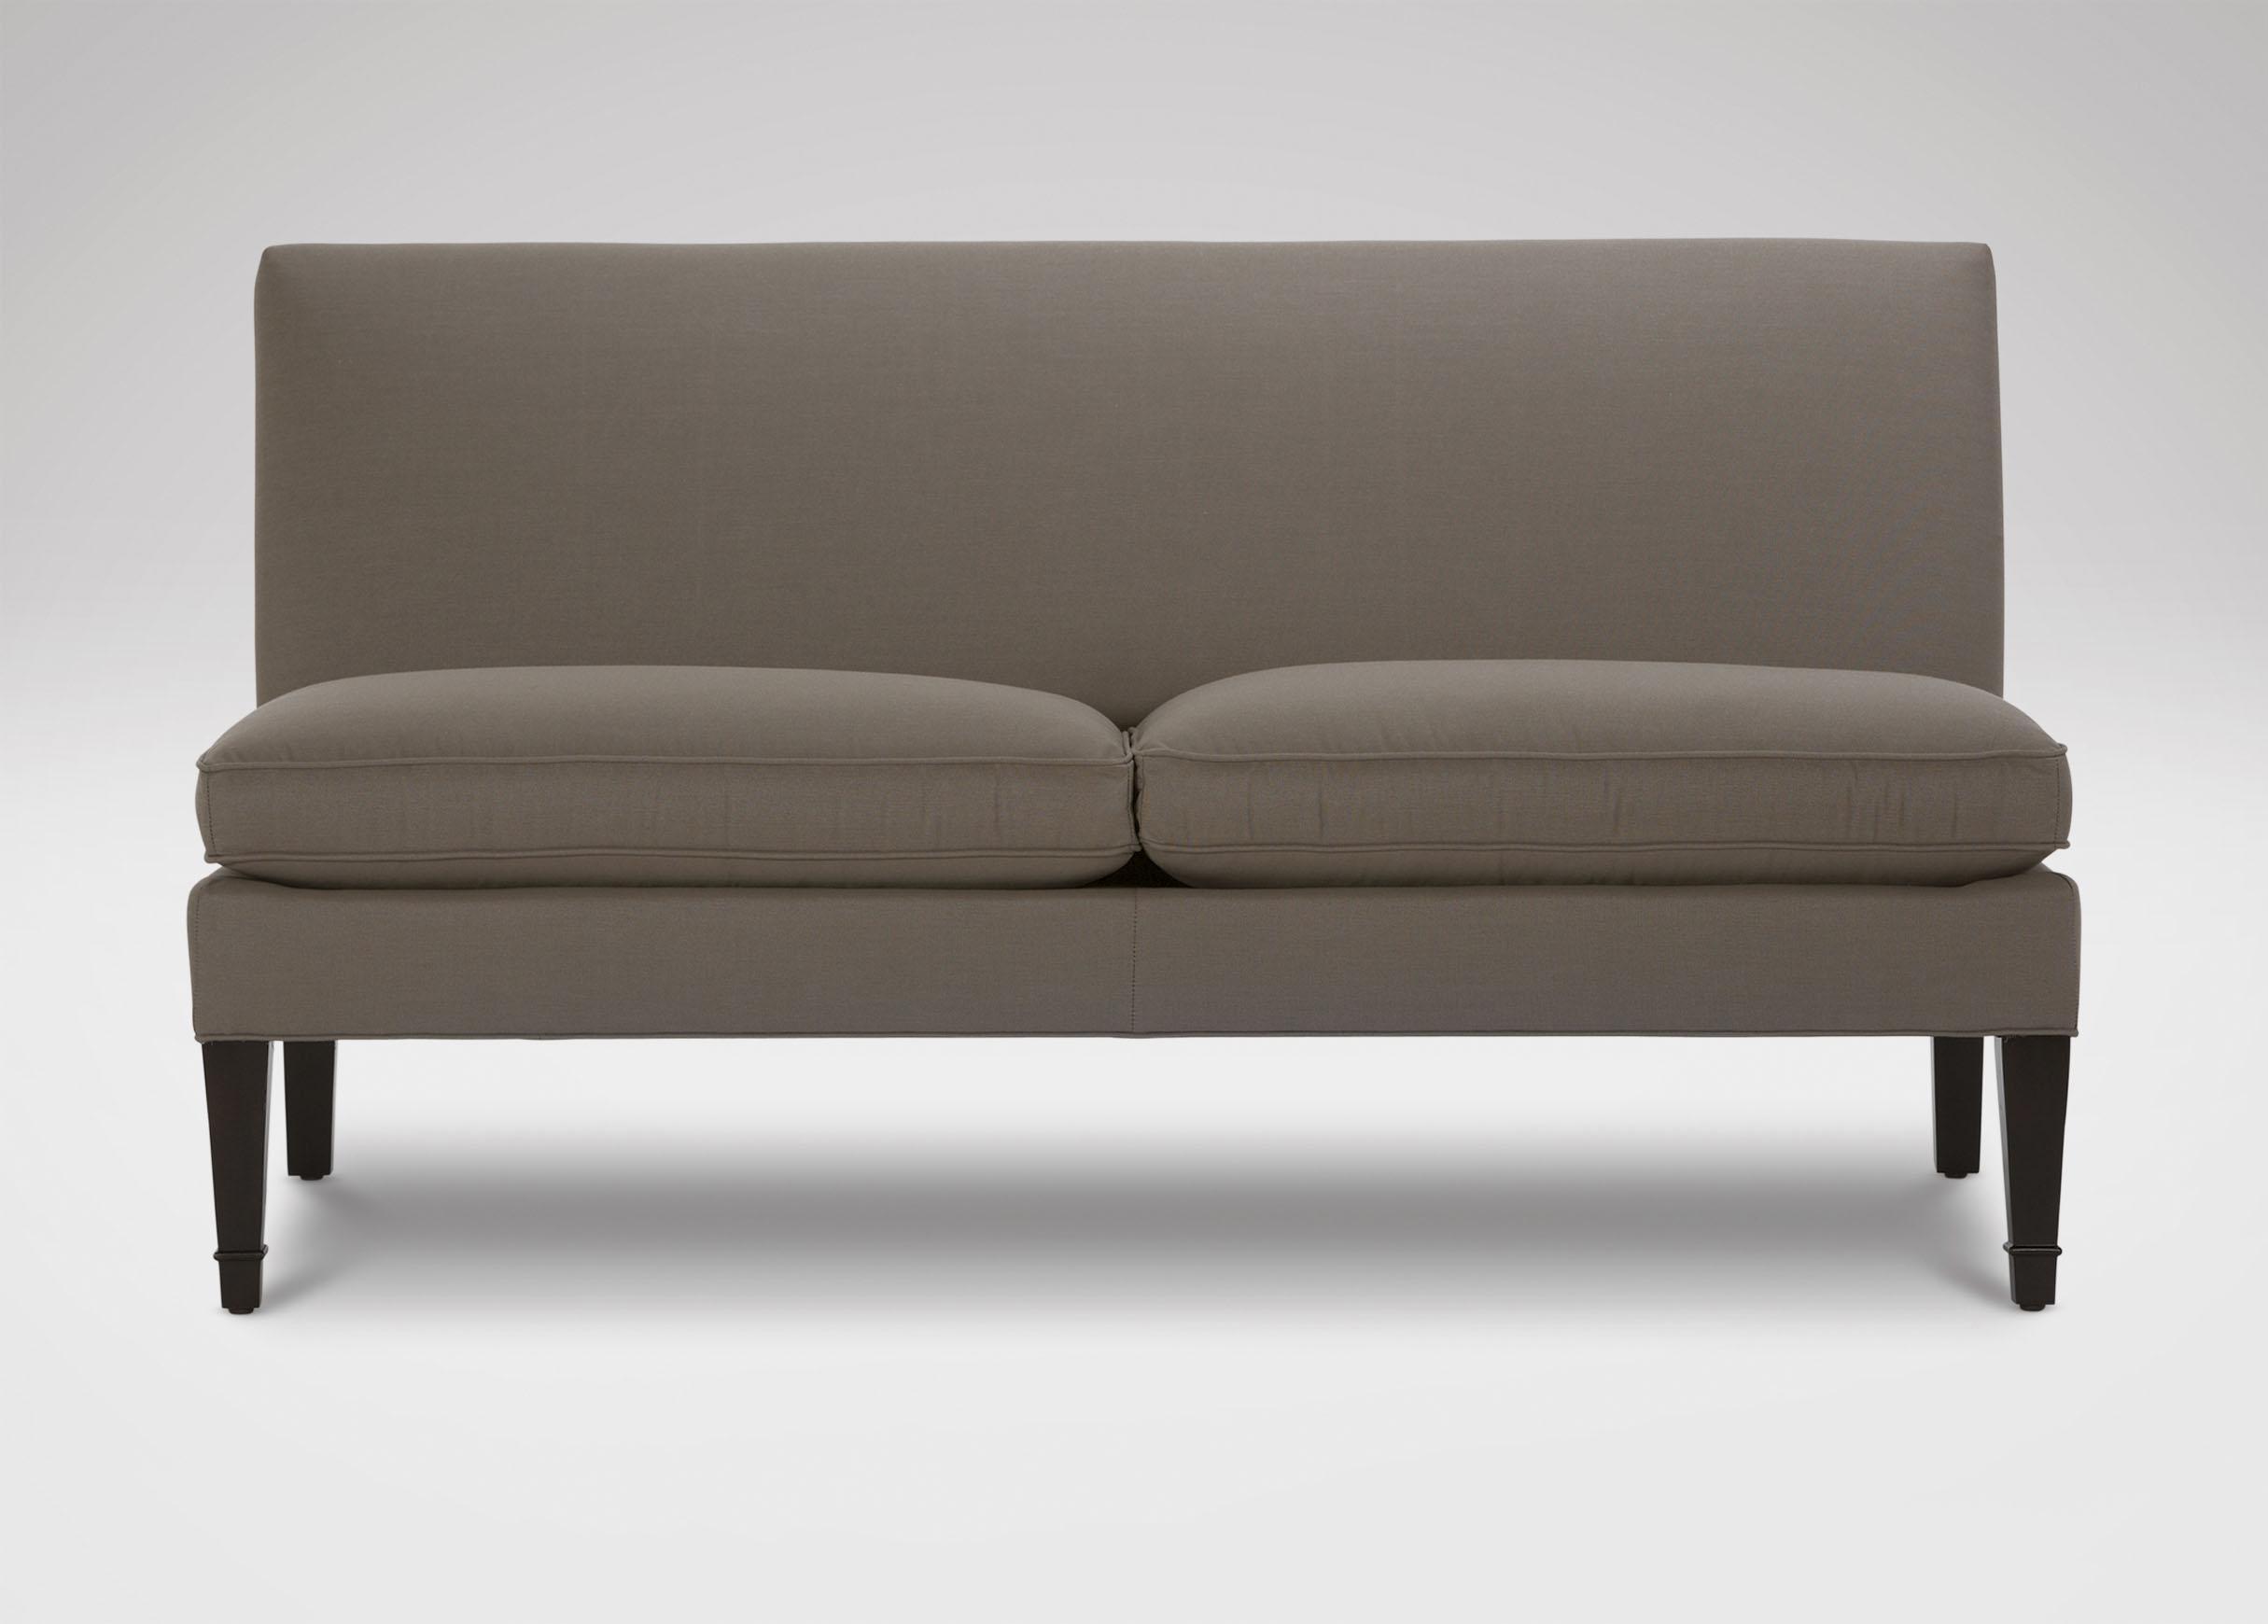 Sofa Ideas: Small Armless Sofa (Explore #13 Of 20 Photos) Inside Small Armless Sofas (View 9 of 10)